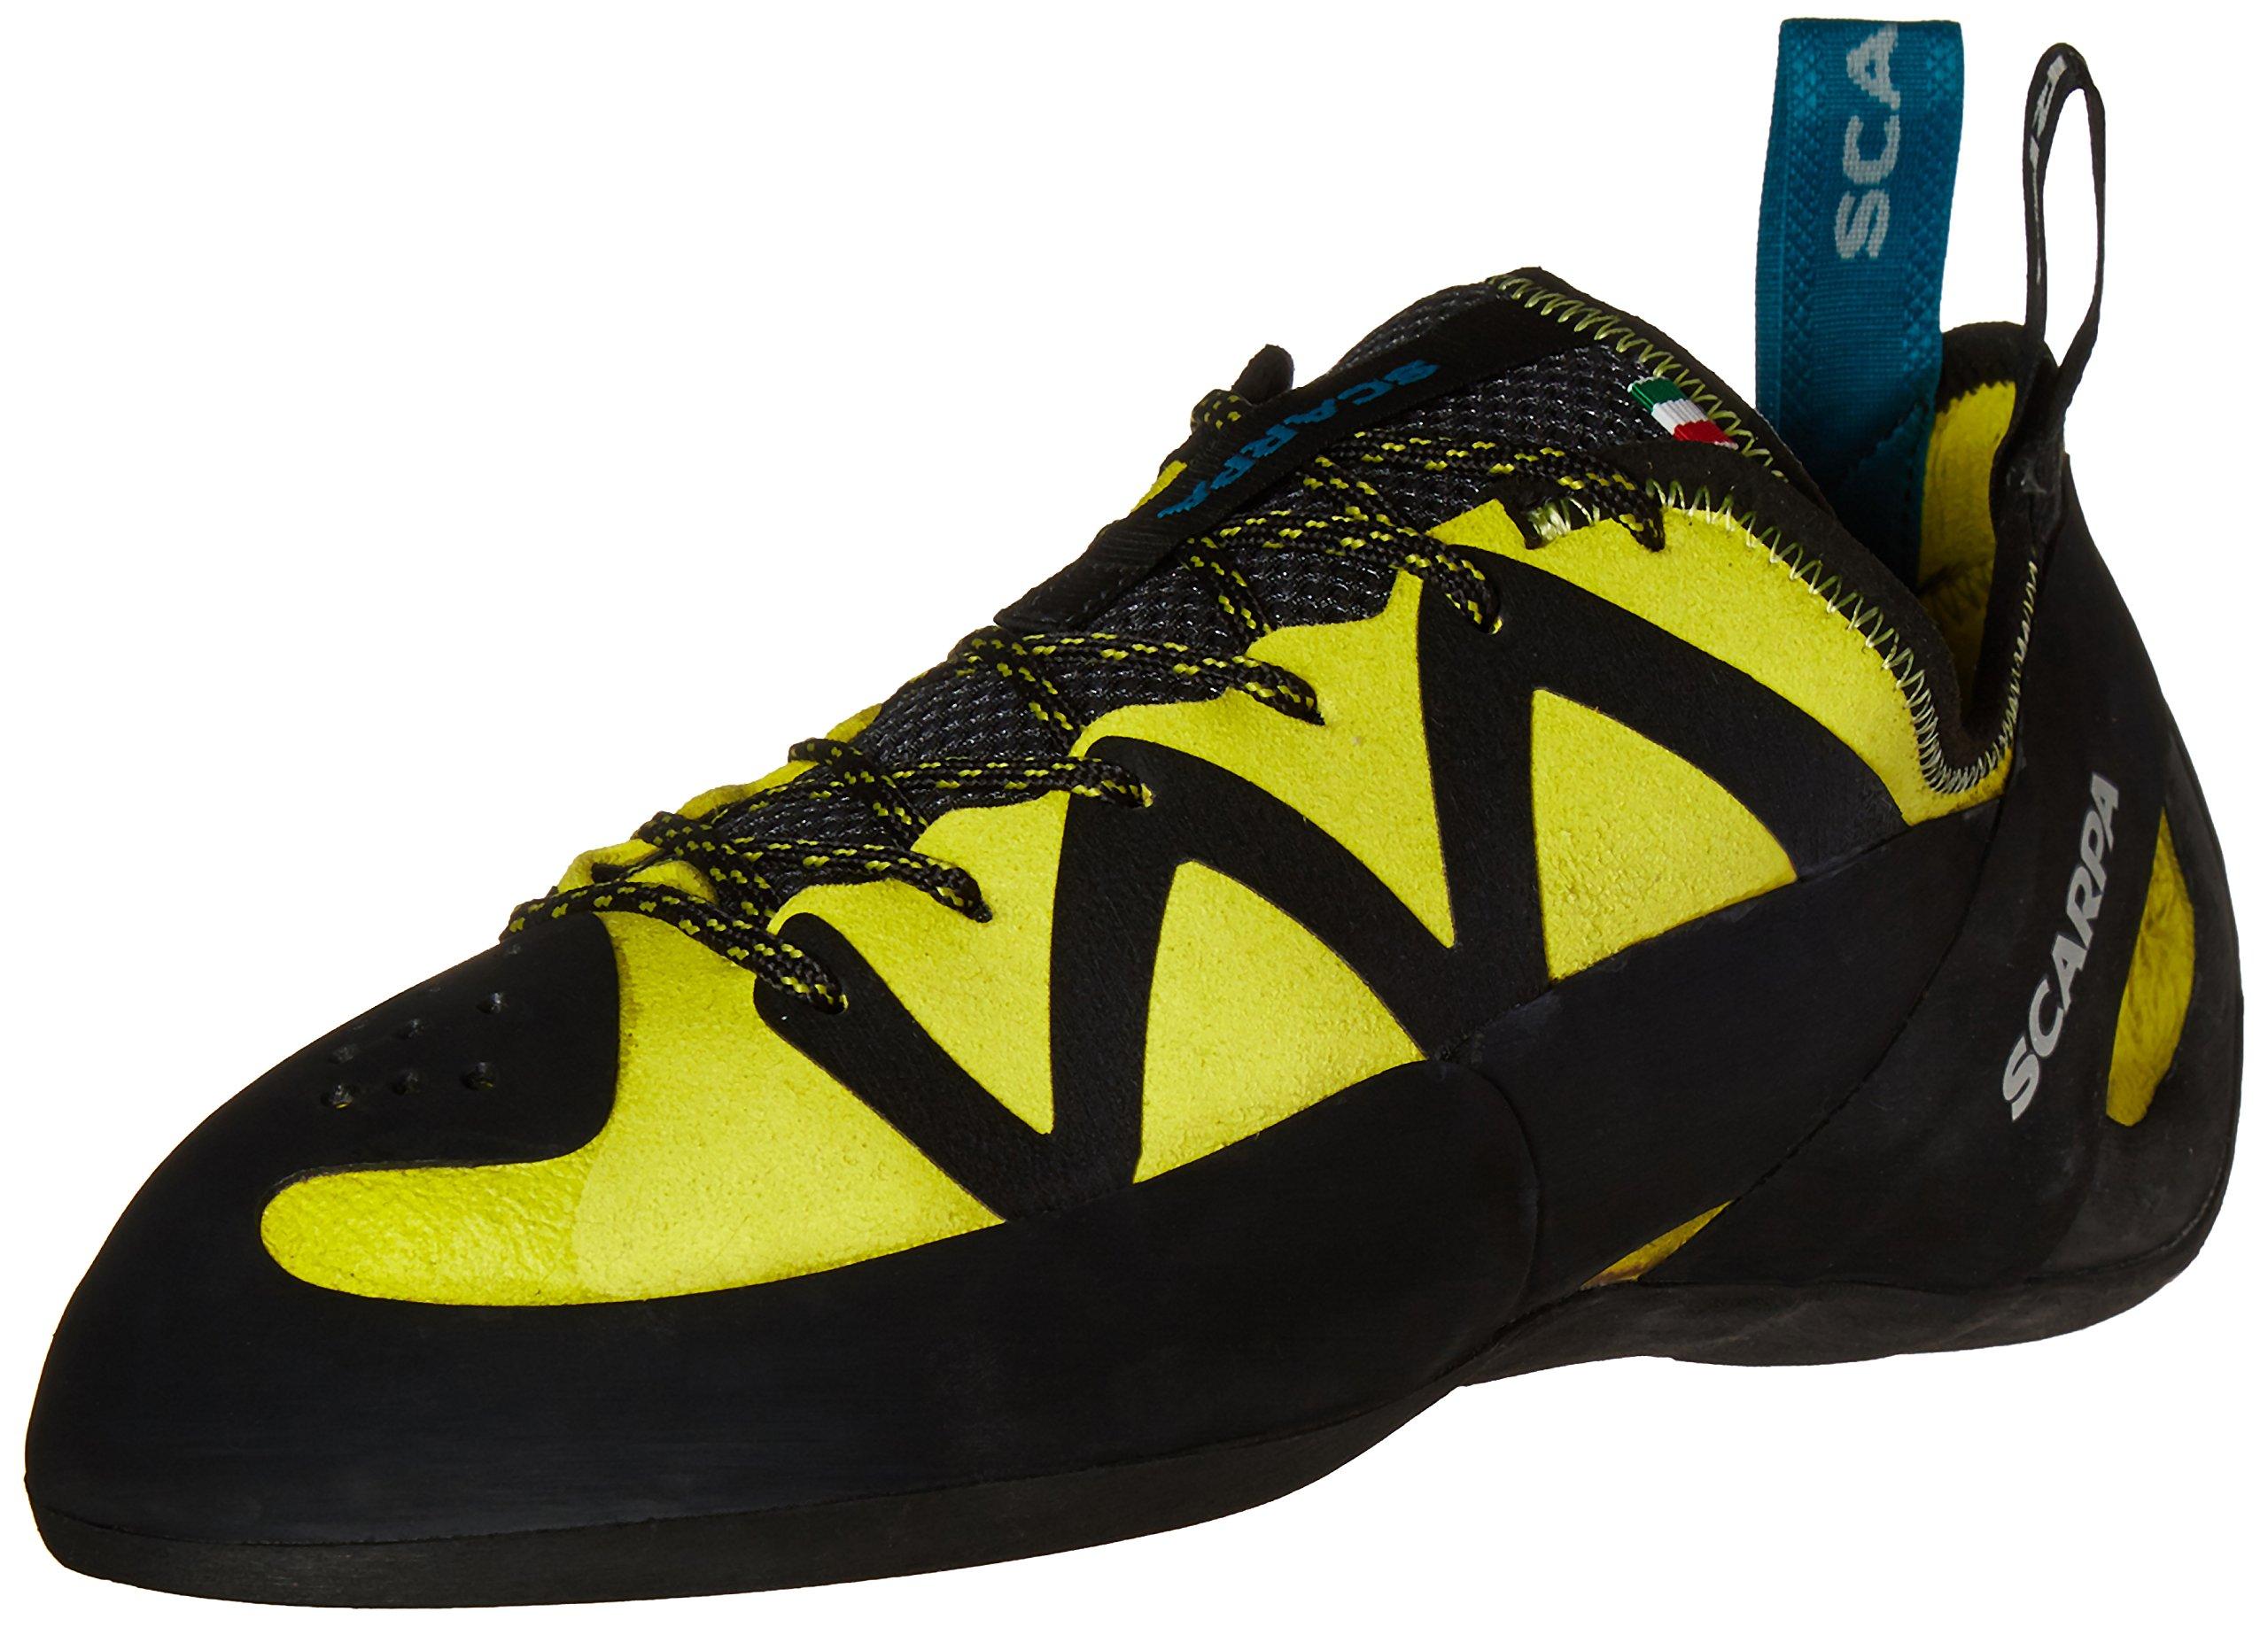 Scarpa Men's Vapor Climbing Shoe, Yellow, 42 EU/9 M US